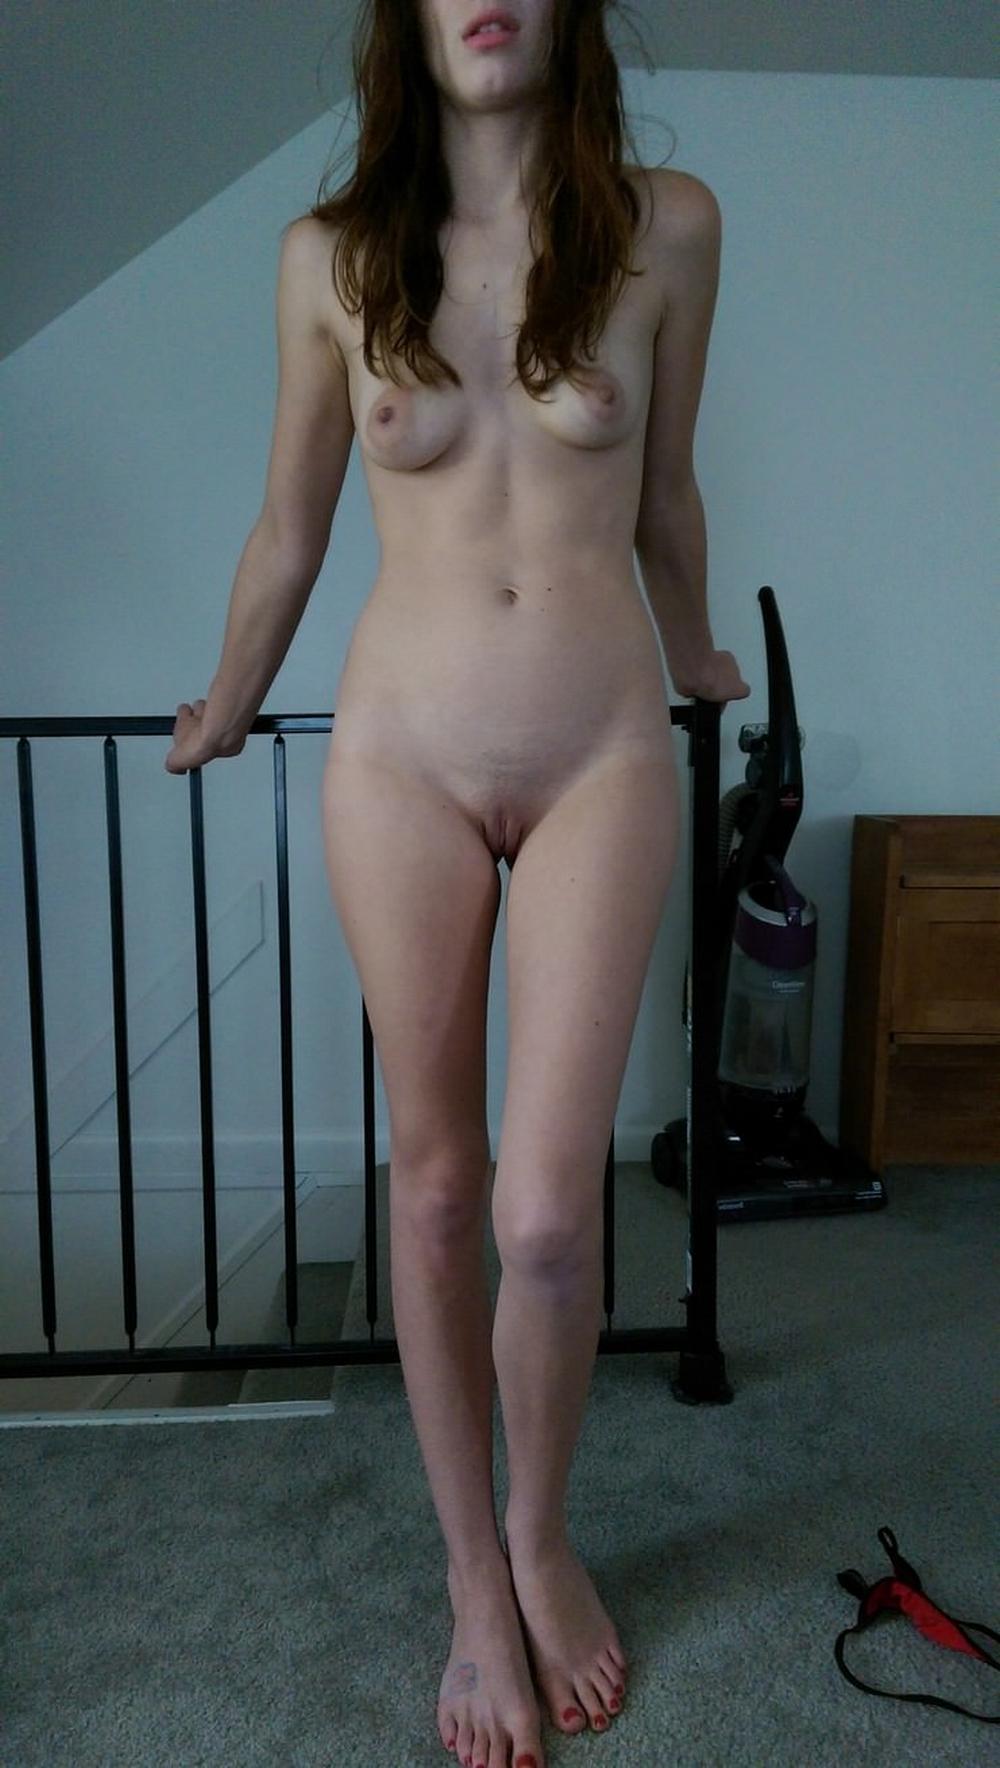 Сучка с набухшими сосками сняла одежду у лестницы и опустилась на пол